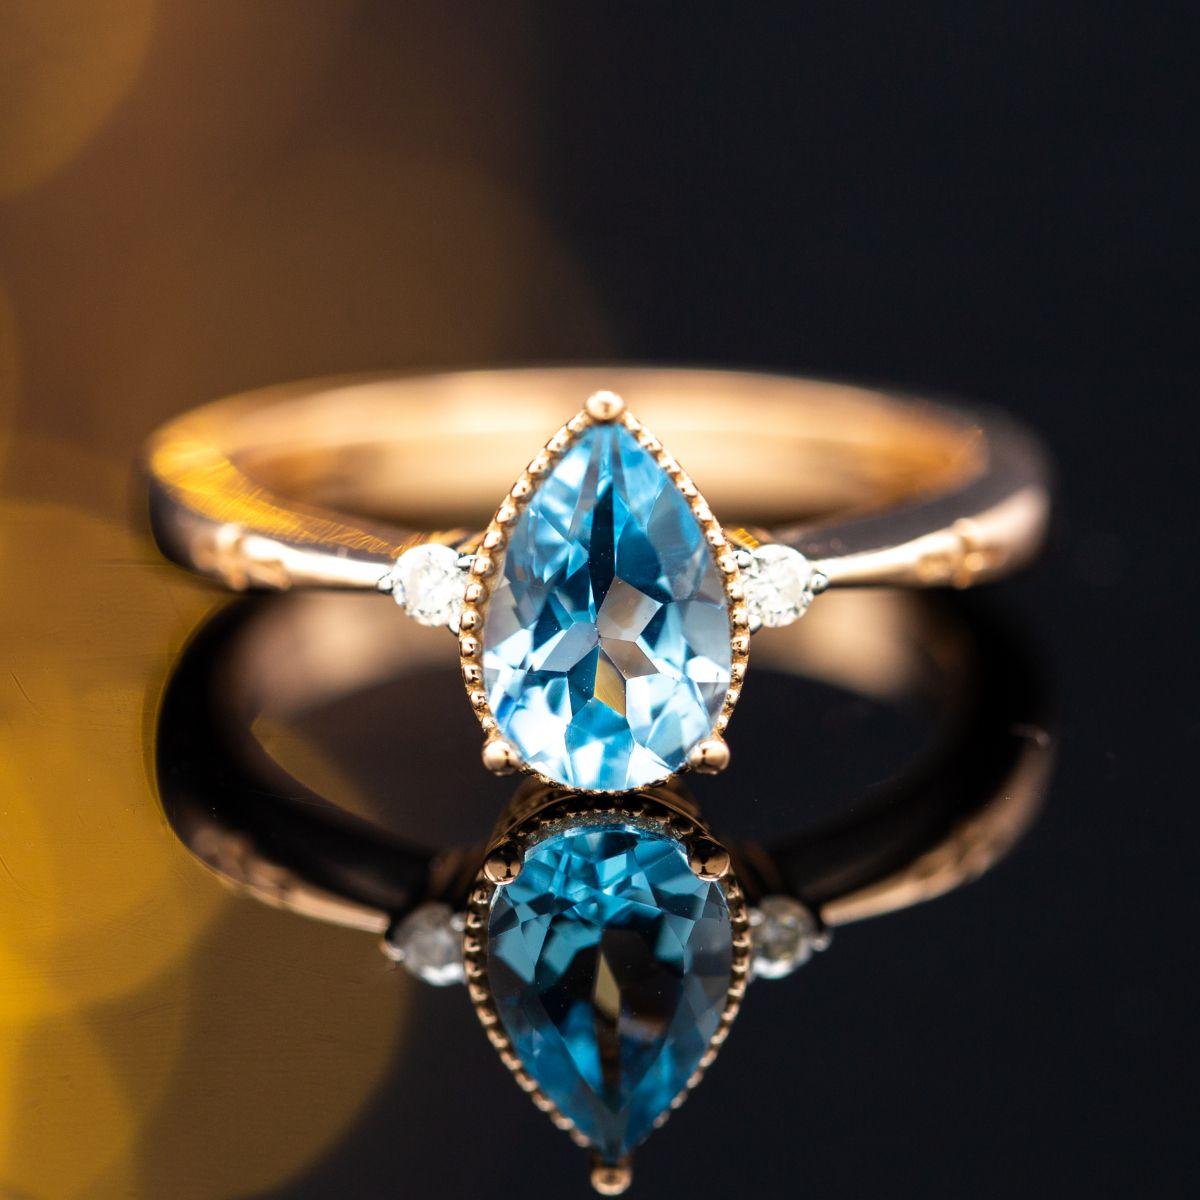 topaz engagement rings. Black Bedroom Furniture Sets. Home Design Ideas